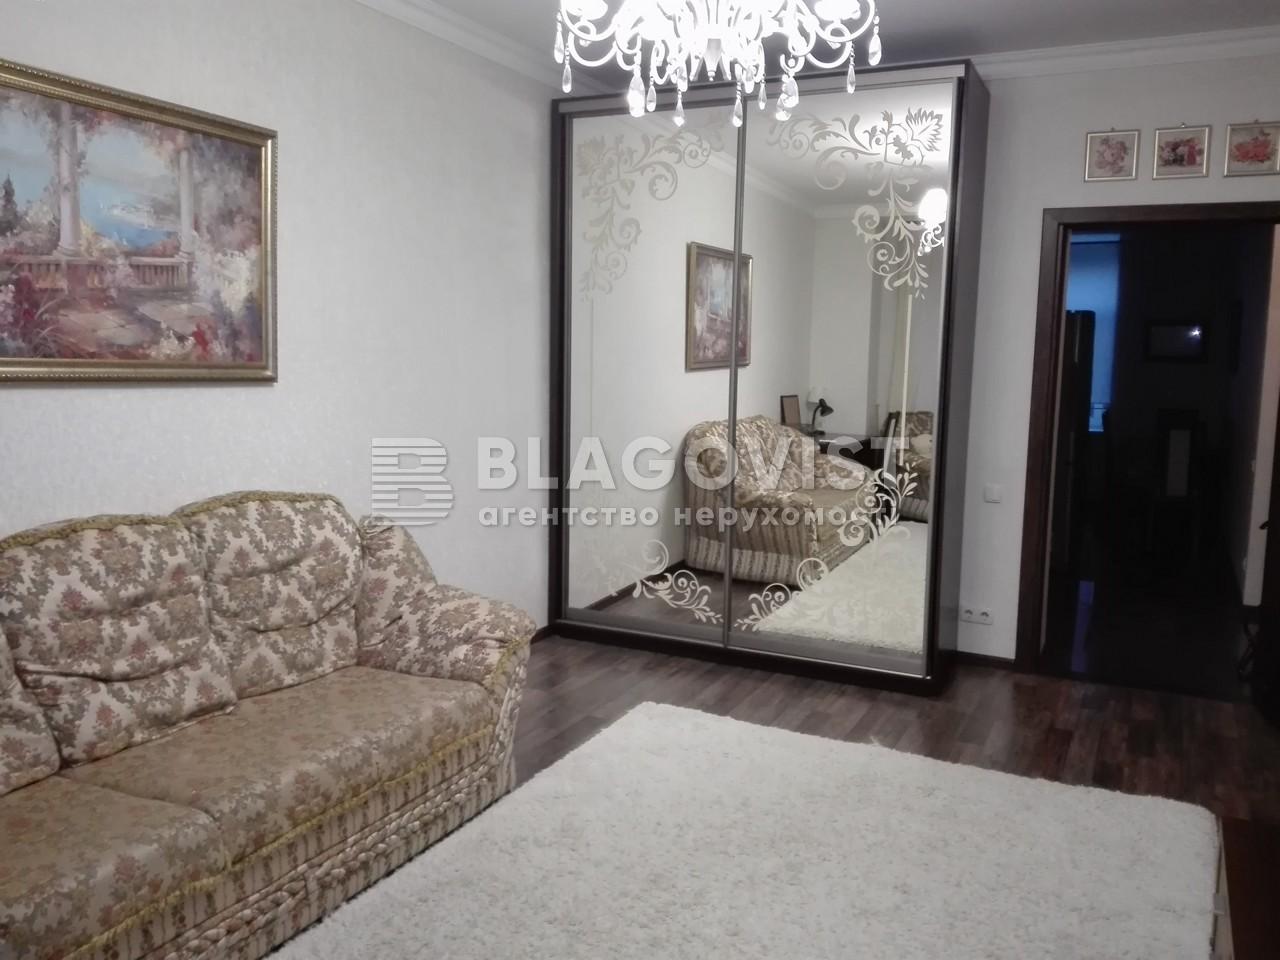 Квартира F-40573, Татарская, 1в, Киев - Фото 5